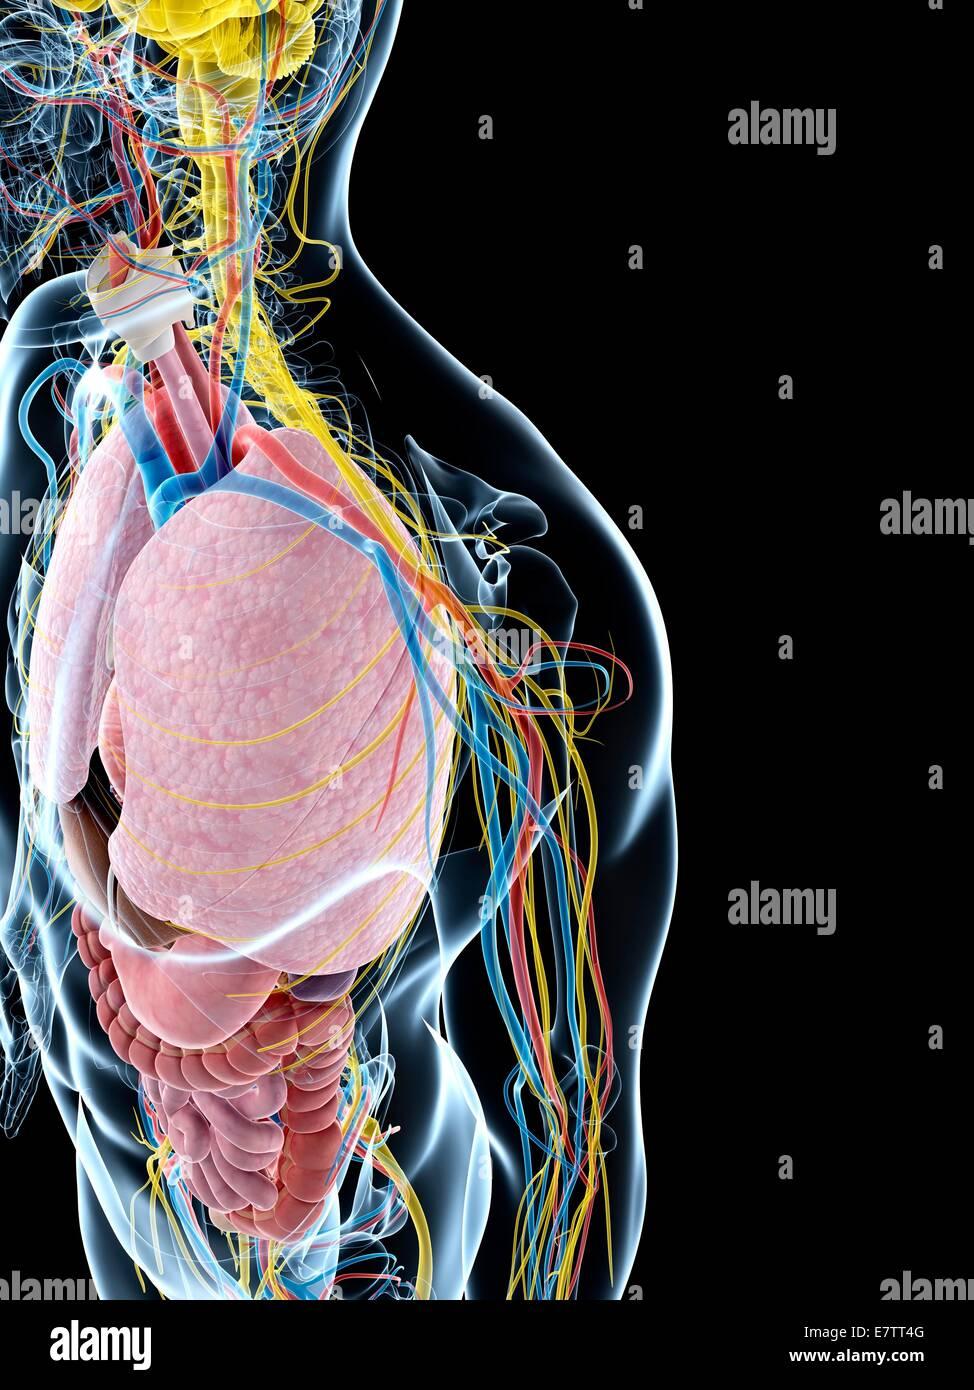 Tolle Menschliche Anatomie Und Physiologie 1 Abschlussprüfung Fotos ...